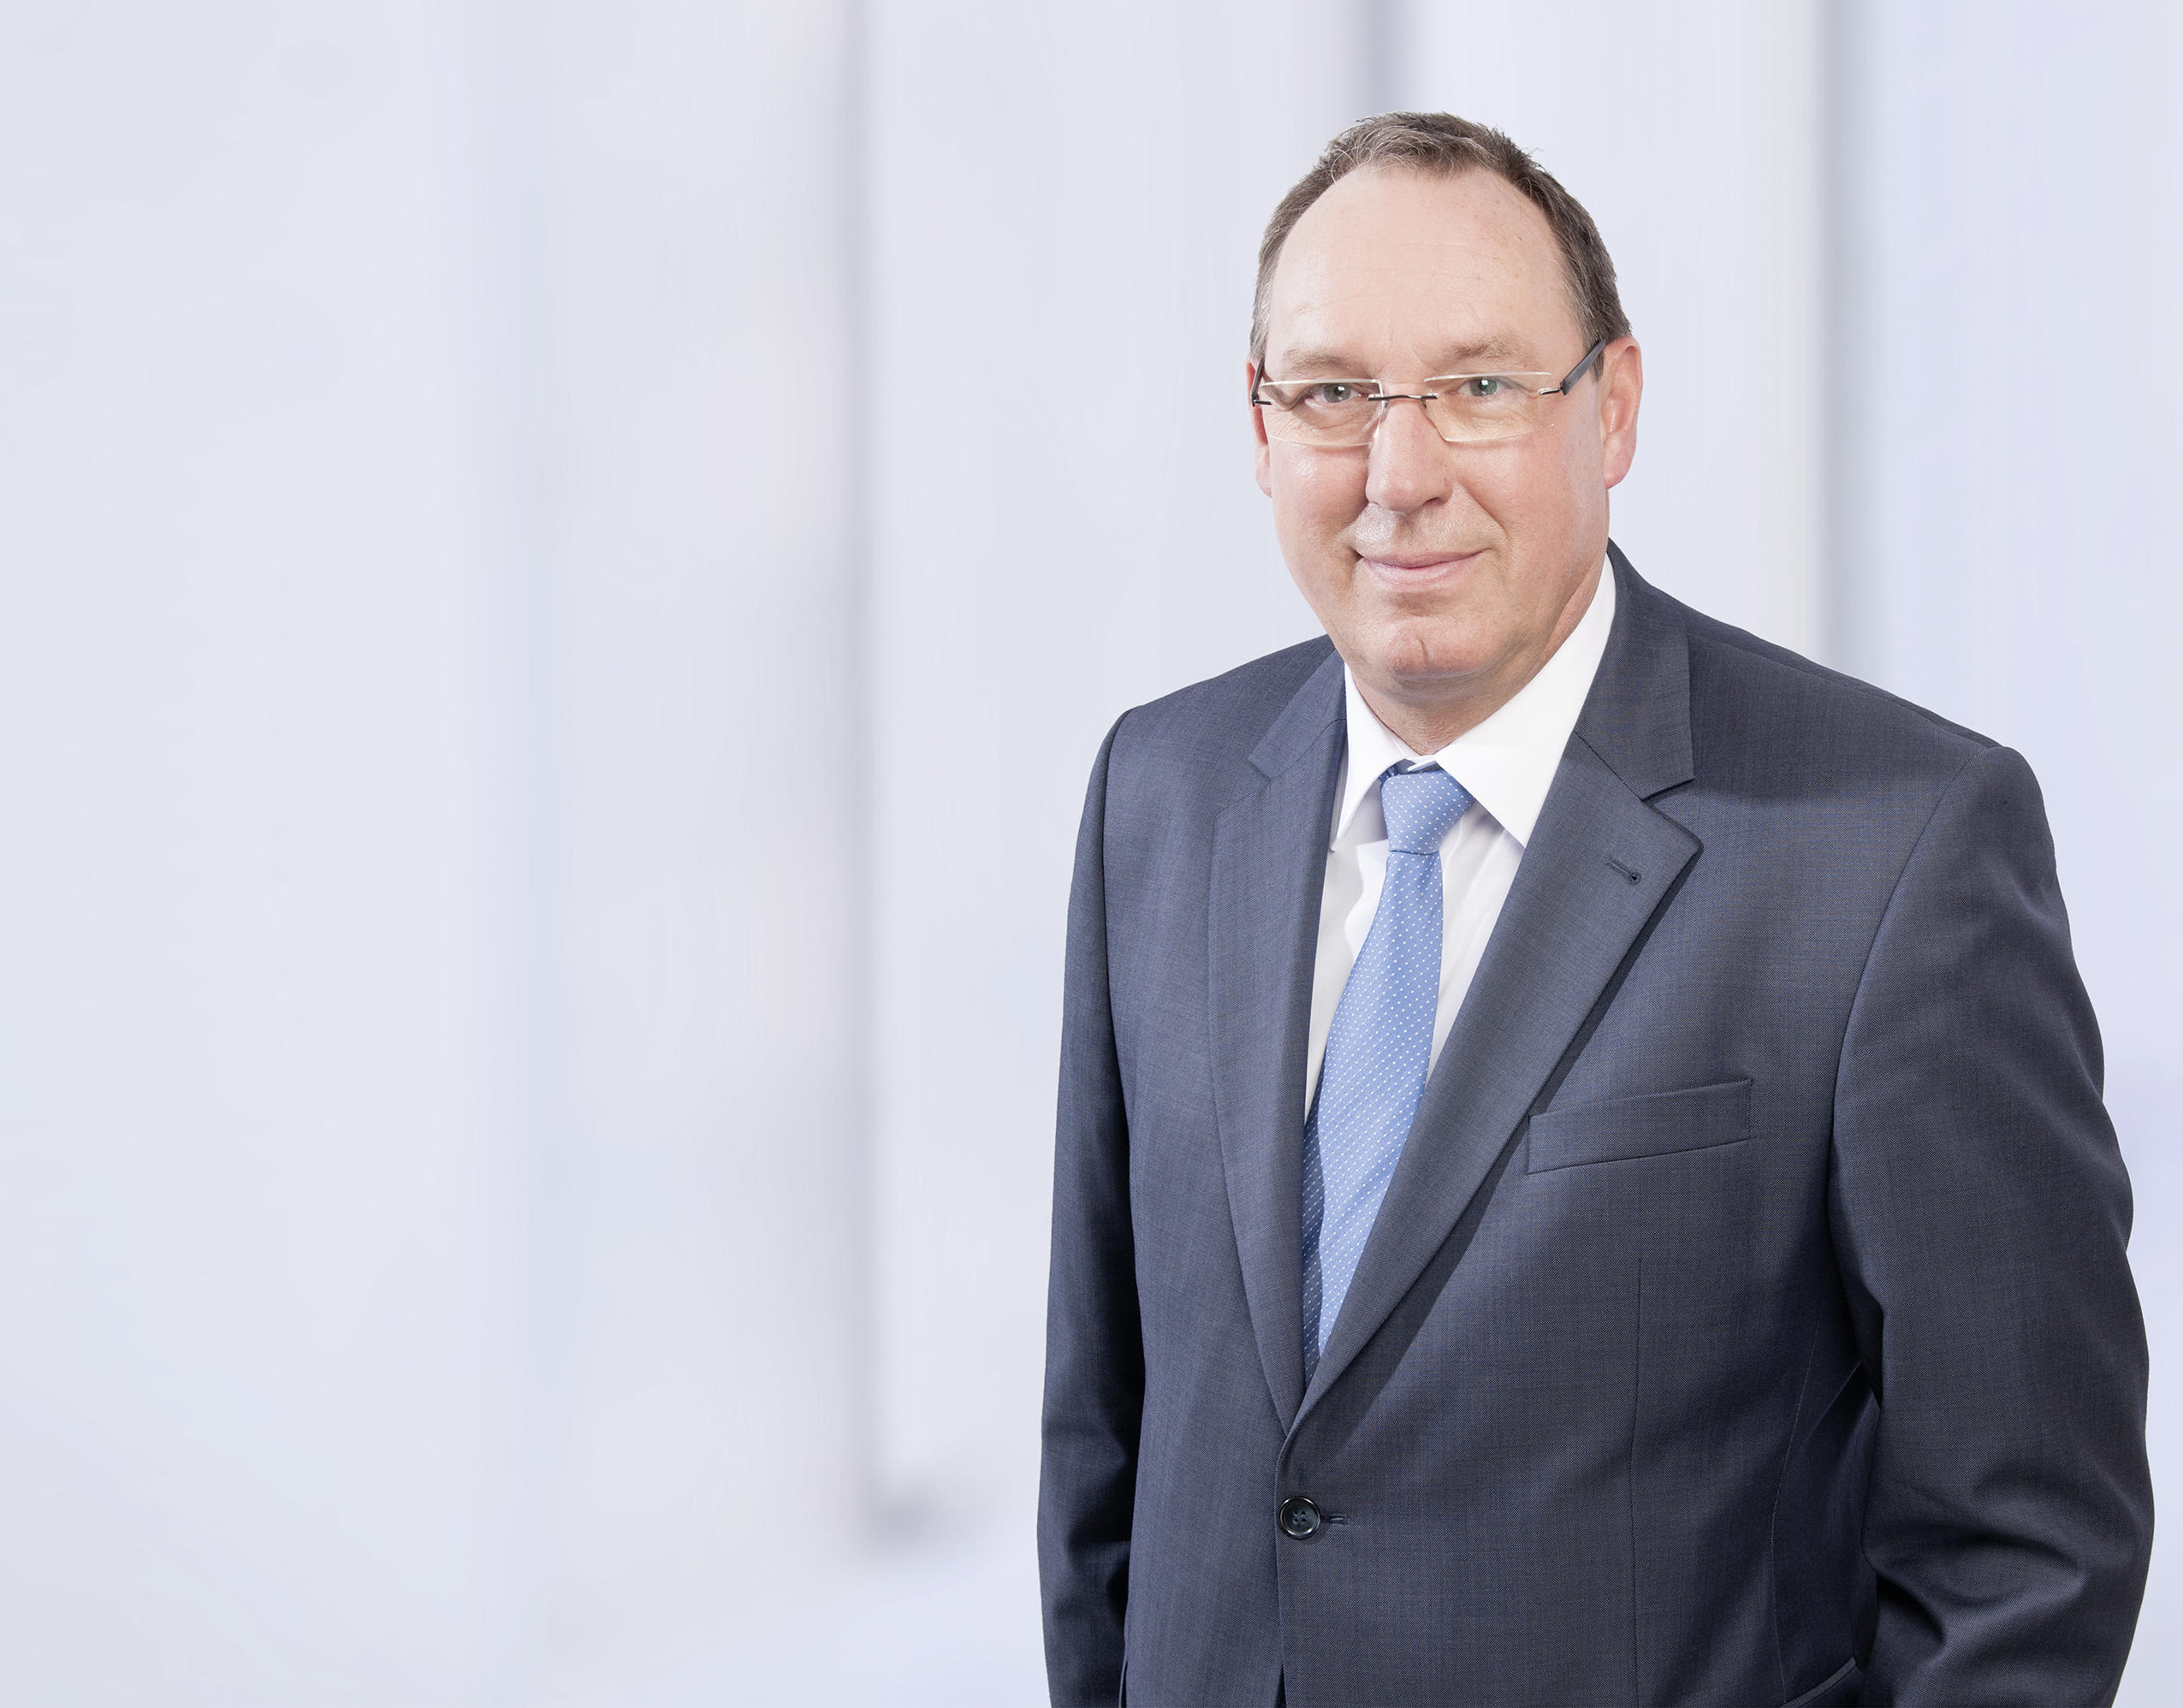 Michael Meyer. Ihr Partner für Barmenia Versicherungen in Niedersachsen und Bremen.